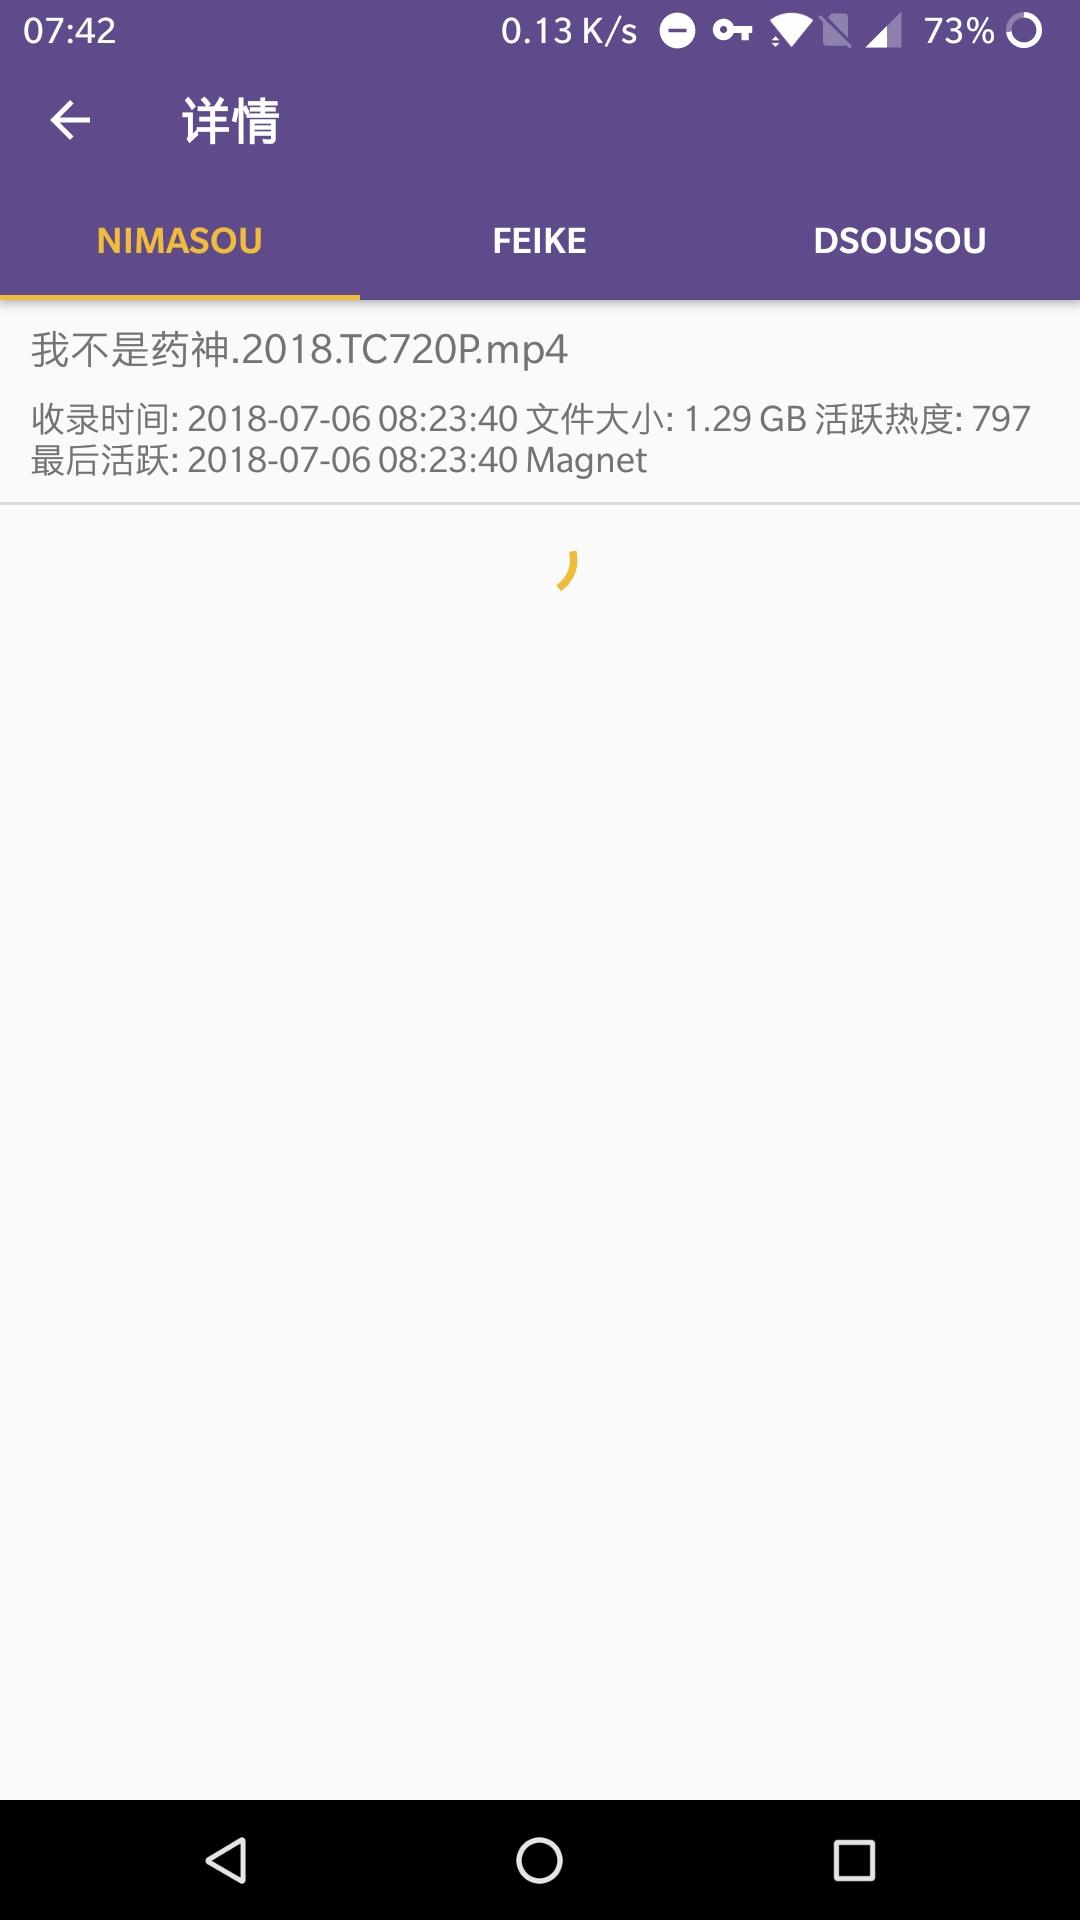 Screenshot_20180710-074212.jpg